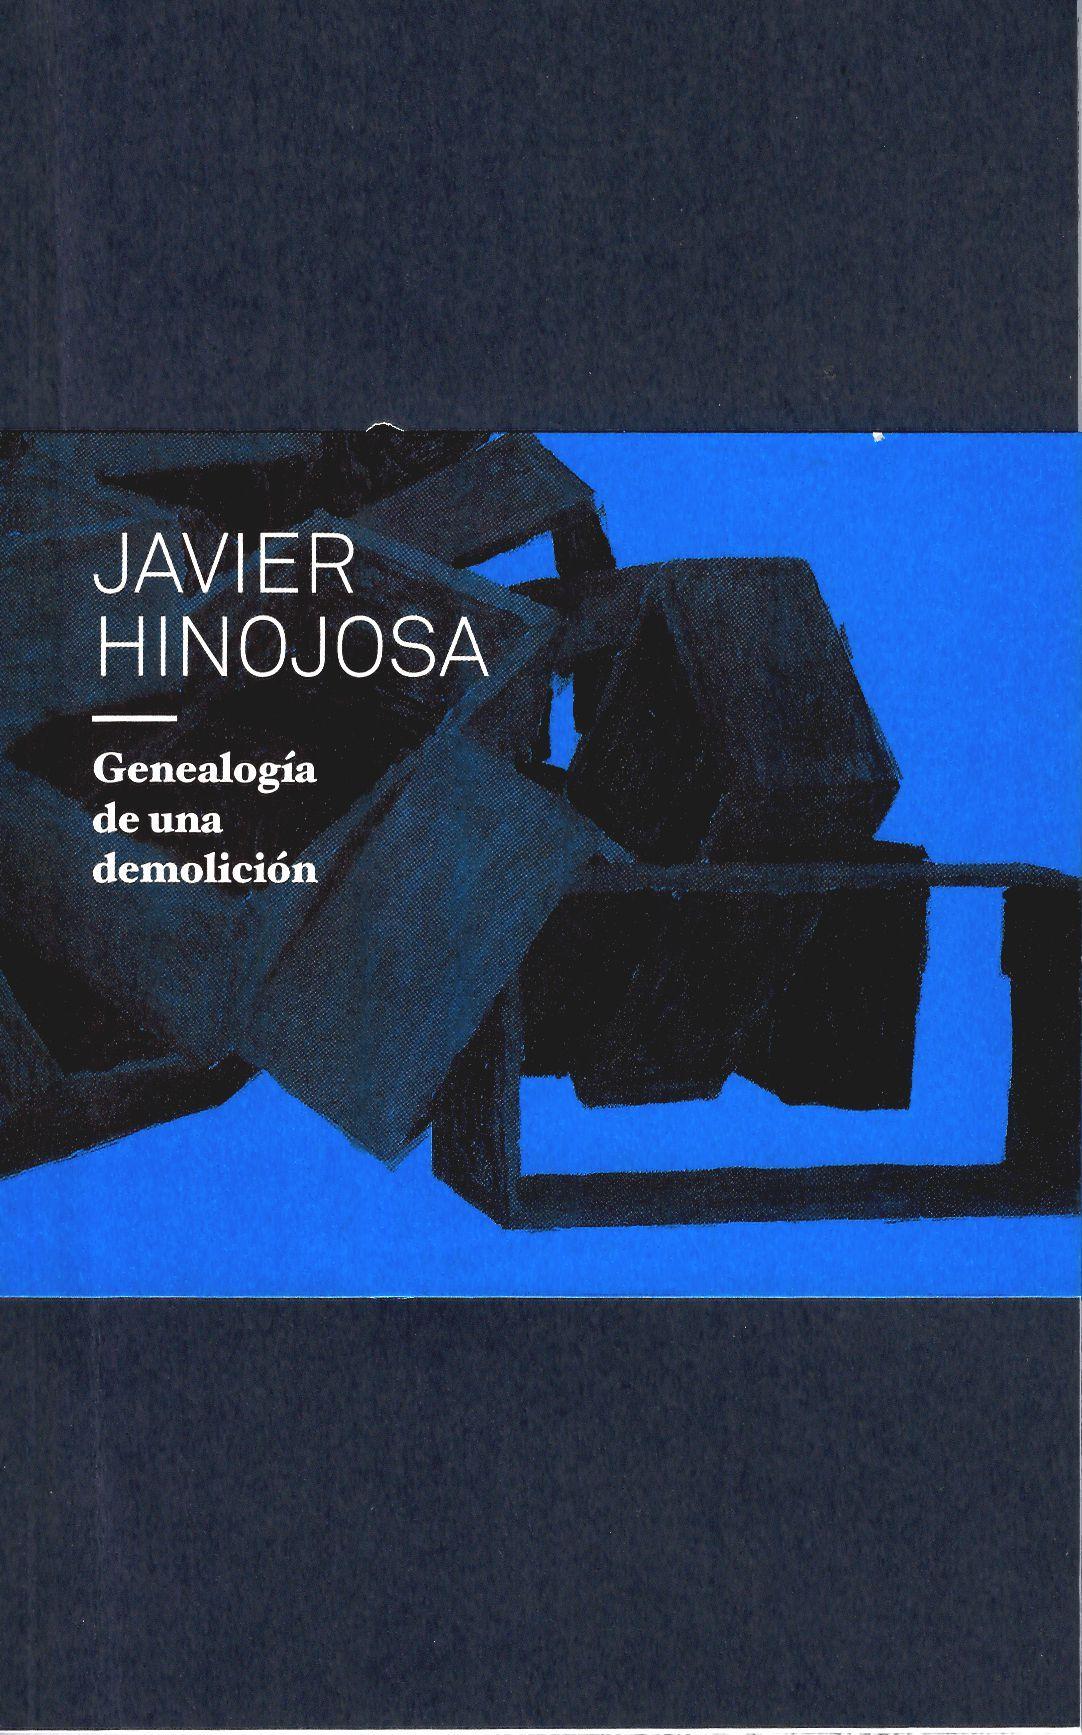 Javier Hinojosa. Genealogía de una demolición